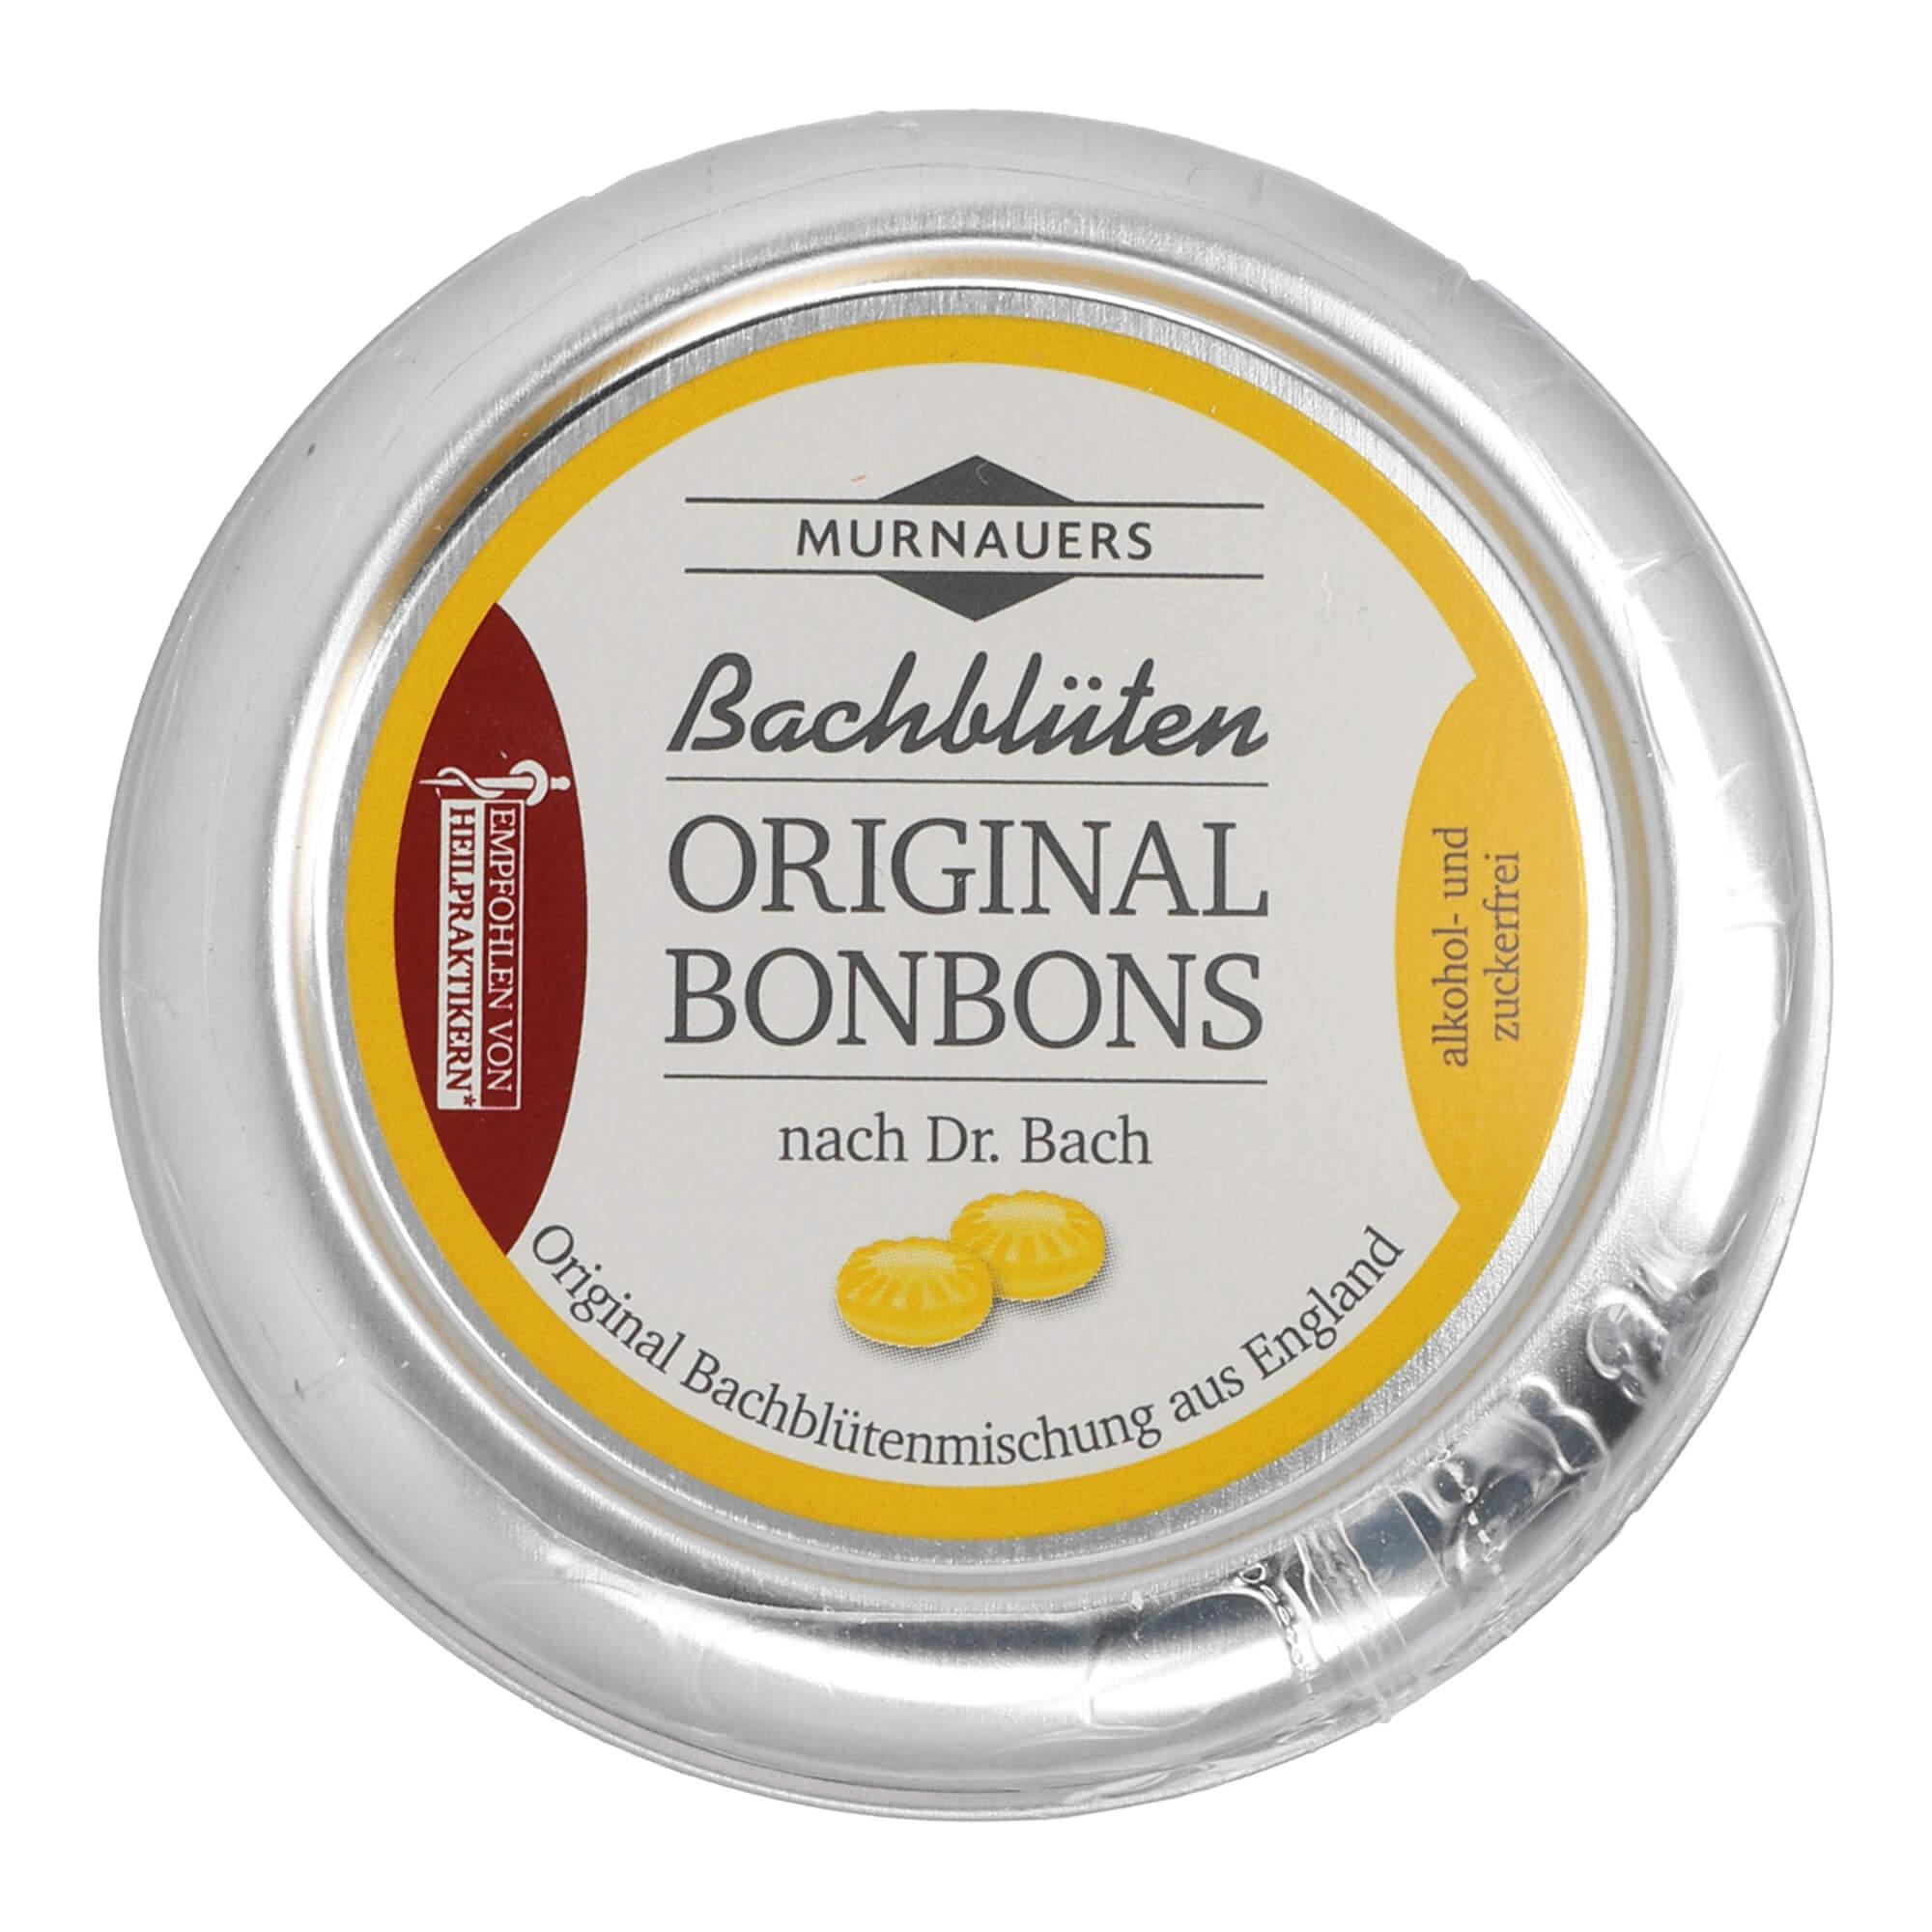 Murnauer Bachblüten Original Bonbons nach Dr. Bach